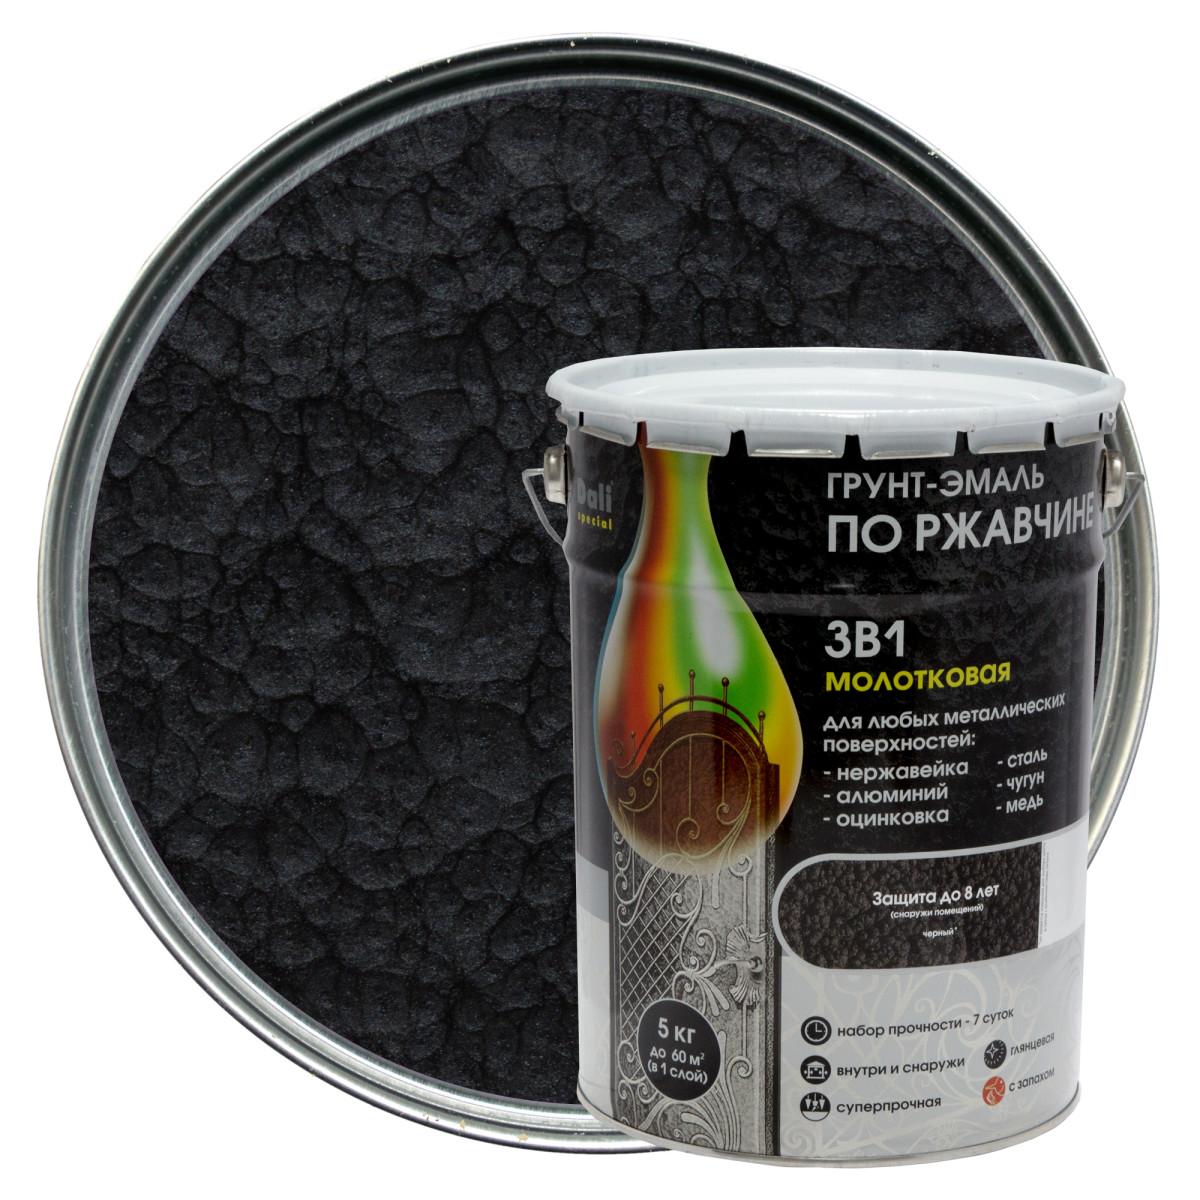 Грунт эмаль по ржавчине 3 в 1 гладкая Dali Special молотковая цвет чёрный 5 кг